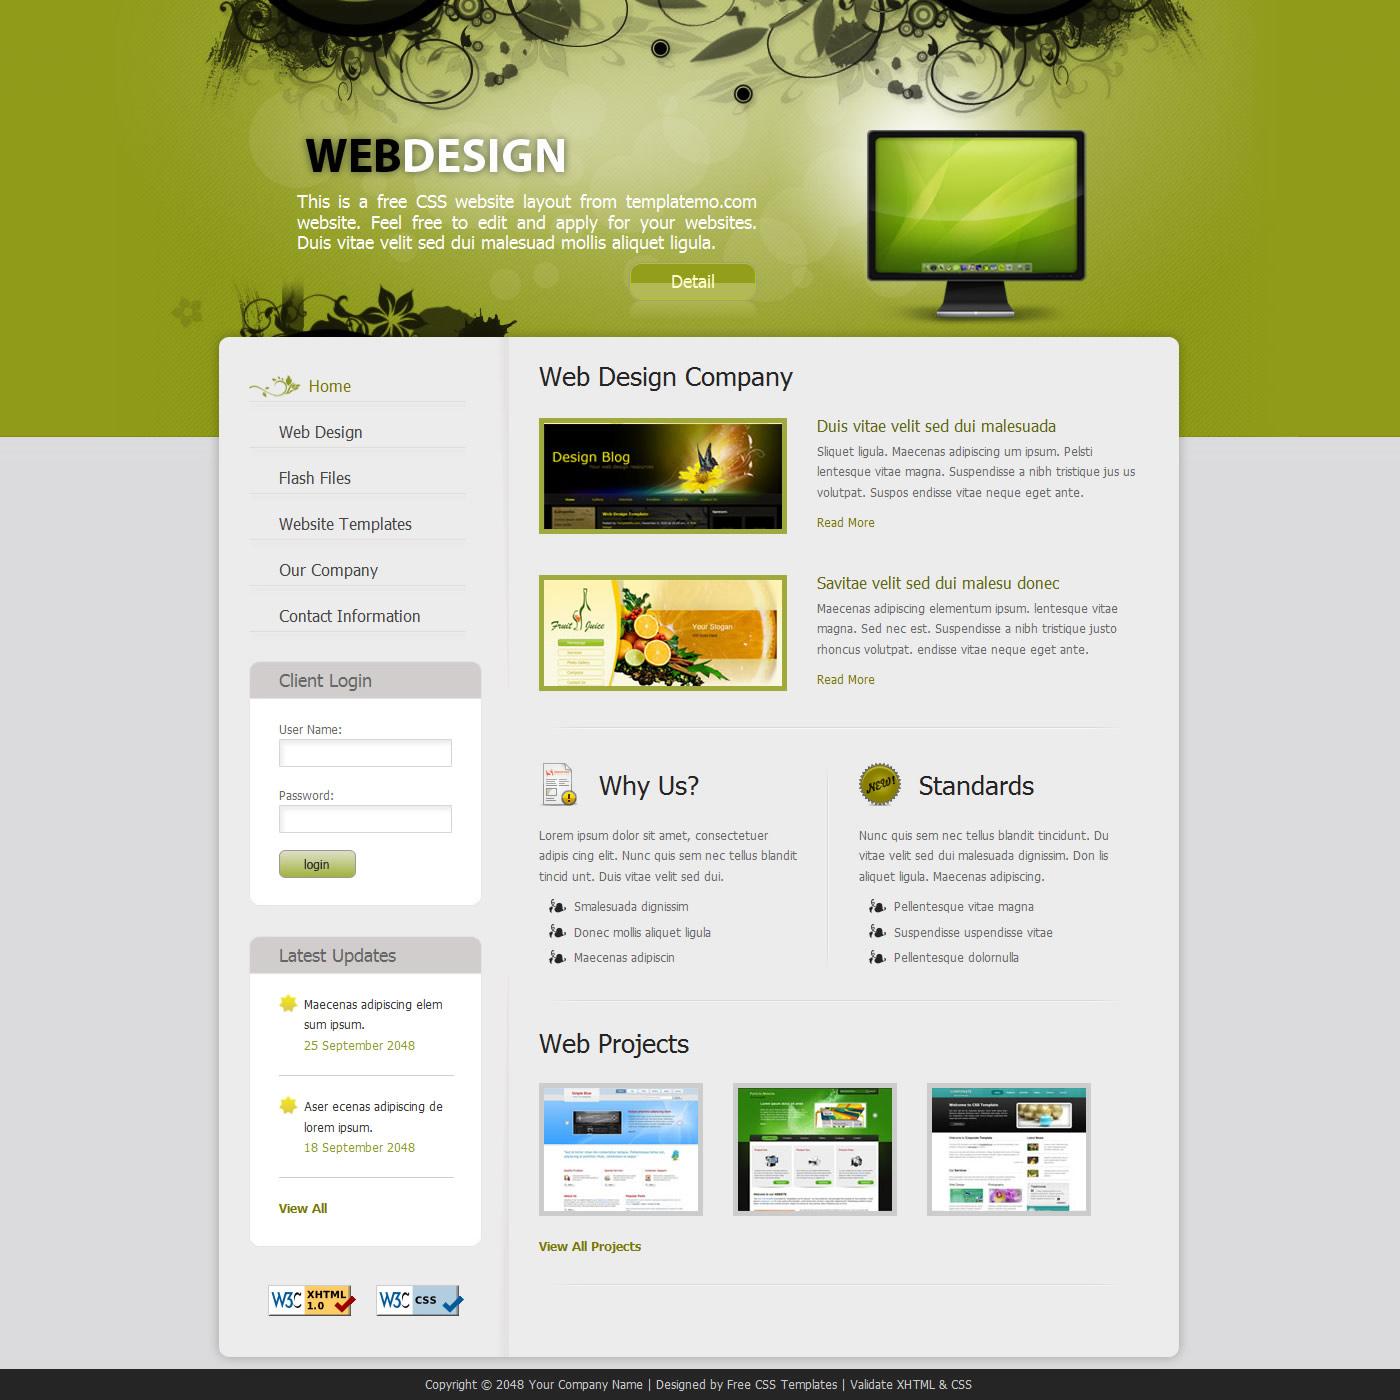 13 Web Design Templates Images